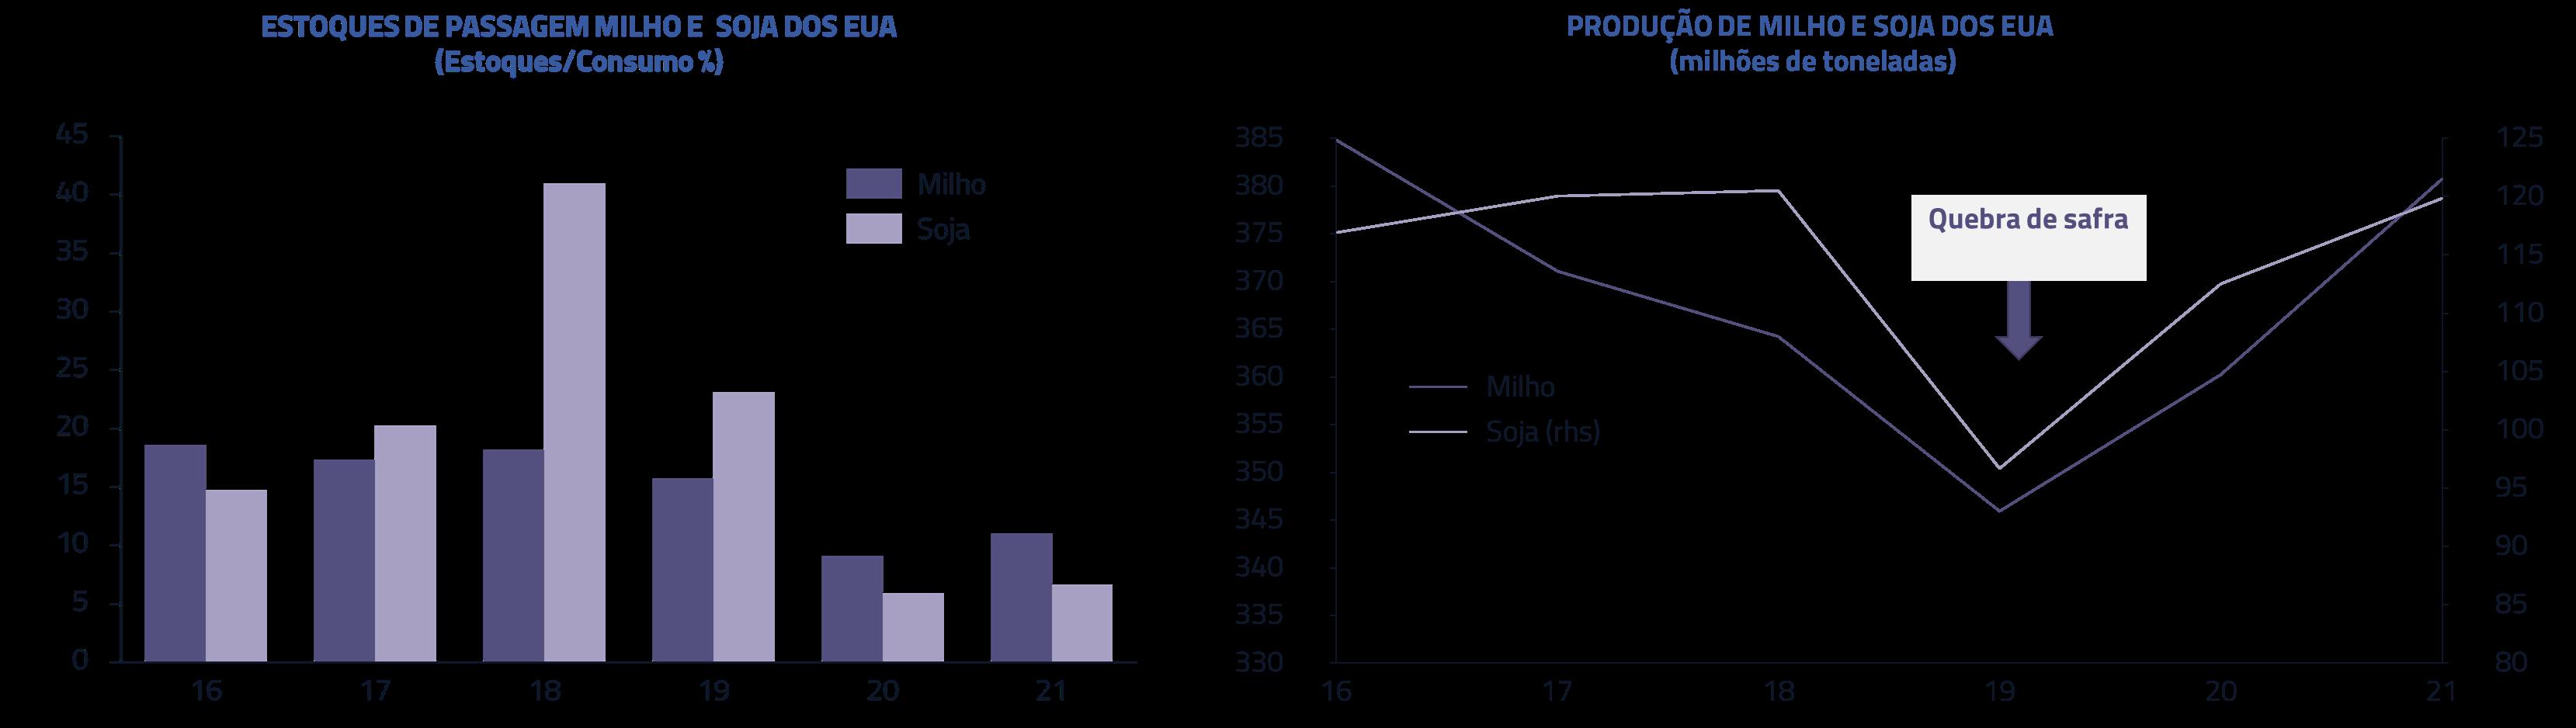 Estoques de passagem milho e soja dos EUA | Produção de milho e soja nos EUA